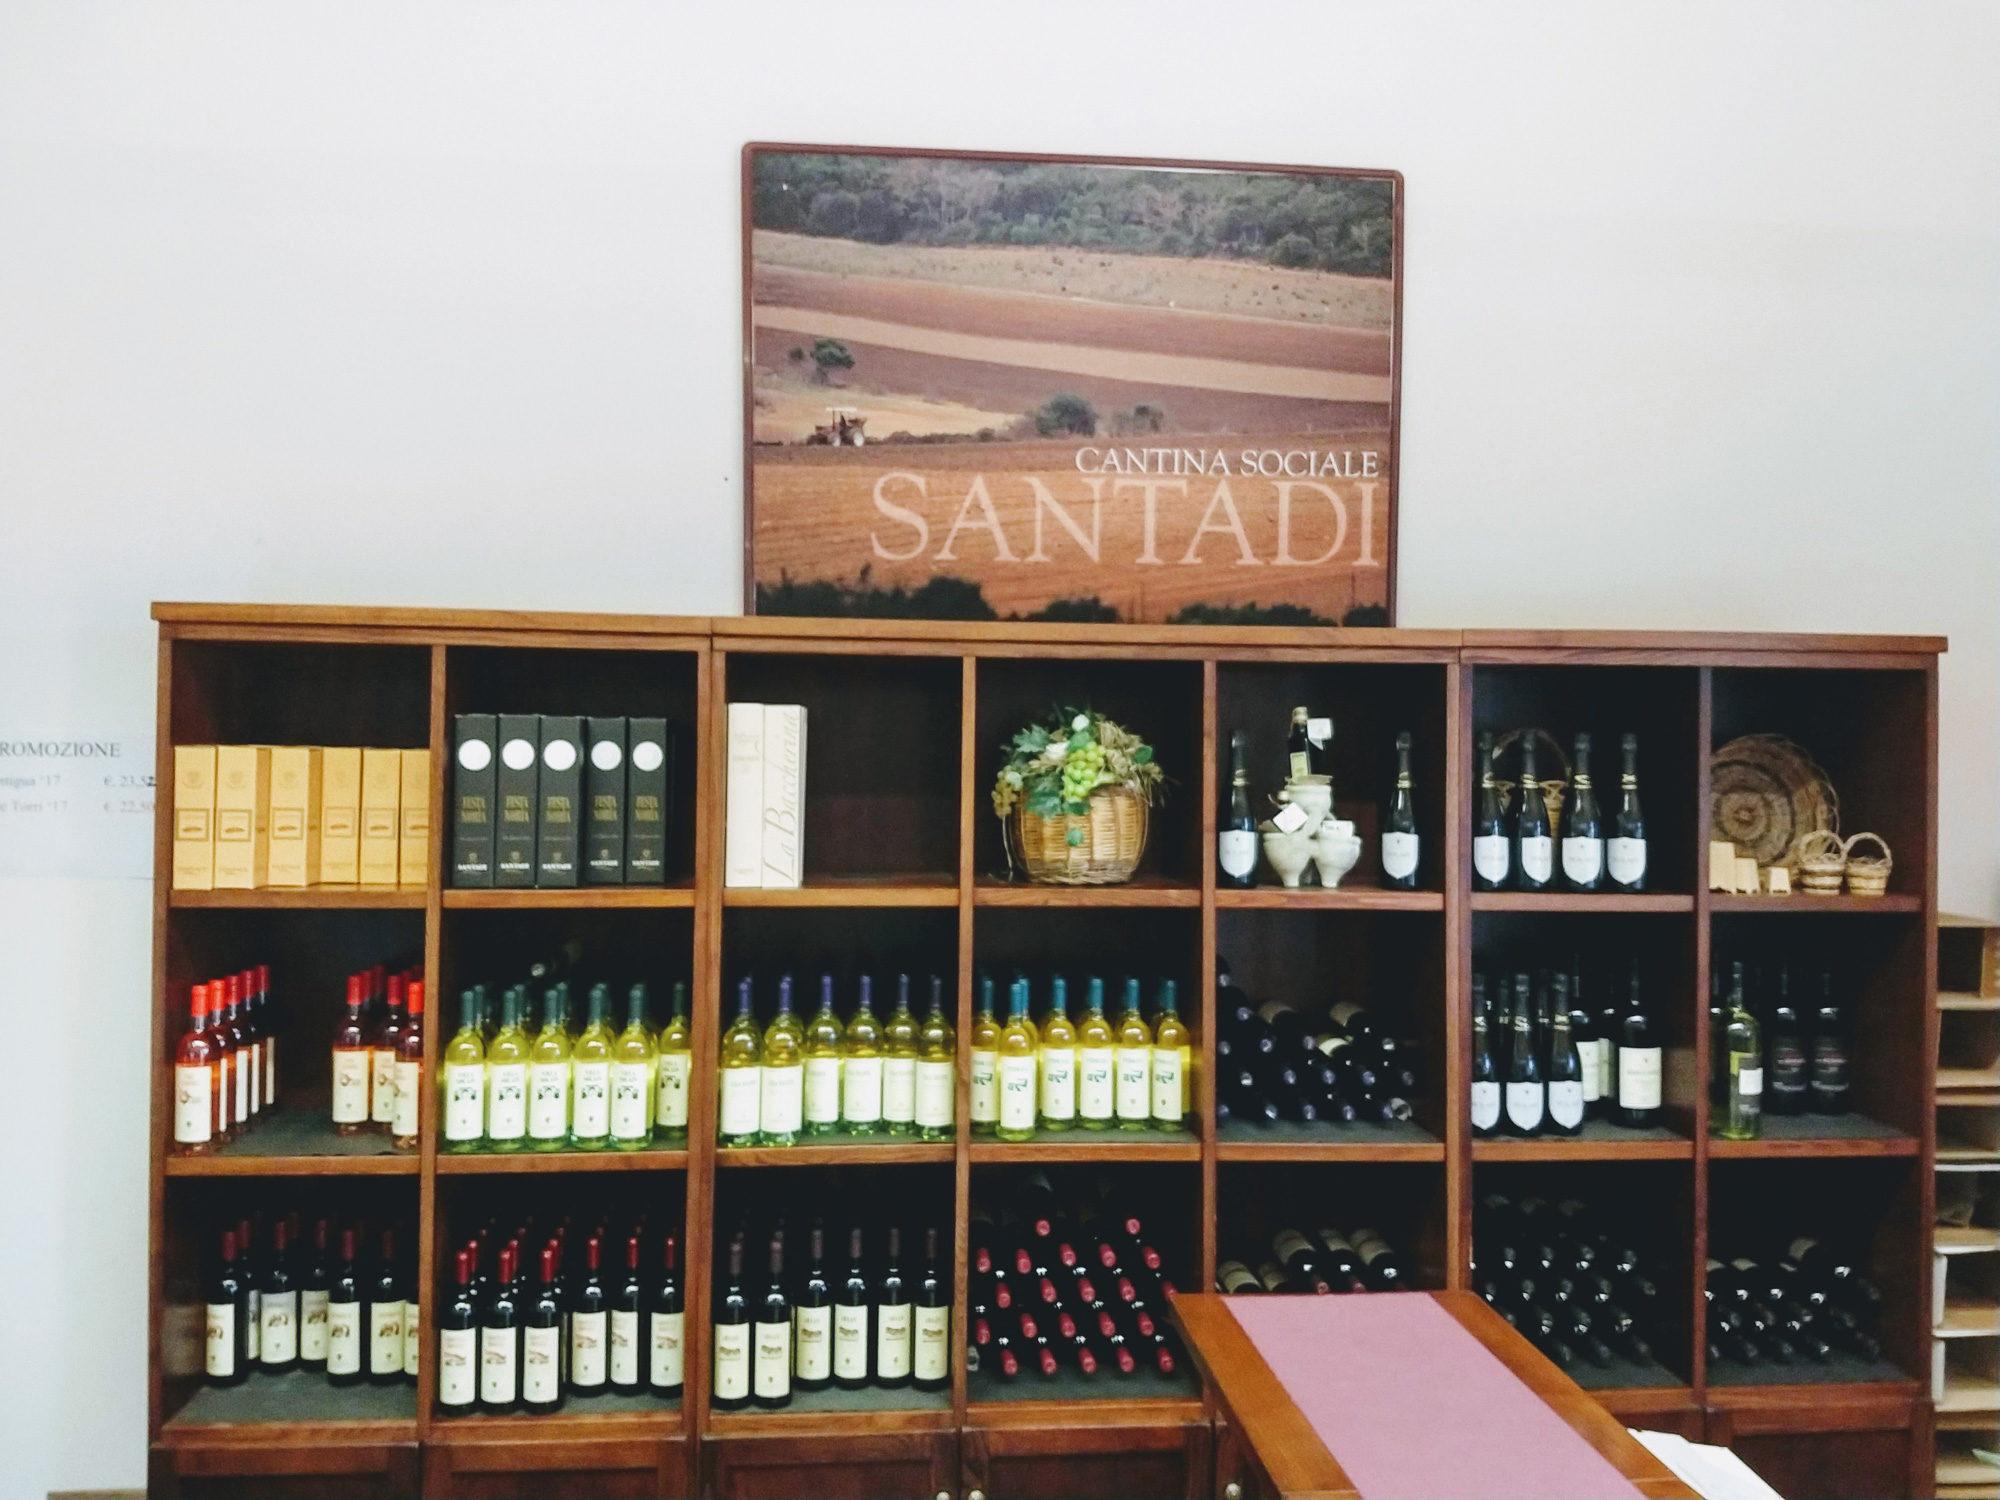 Da Angebot der Cantina Santadi